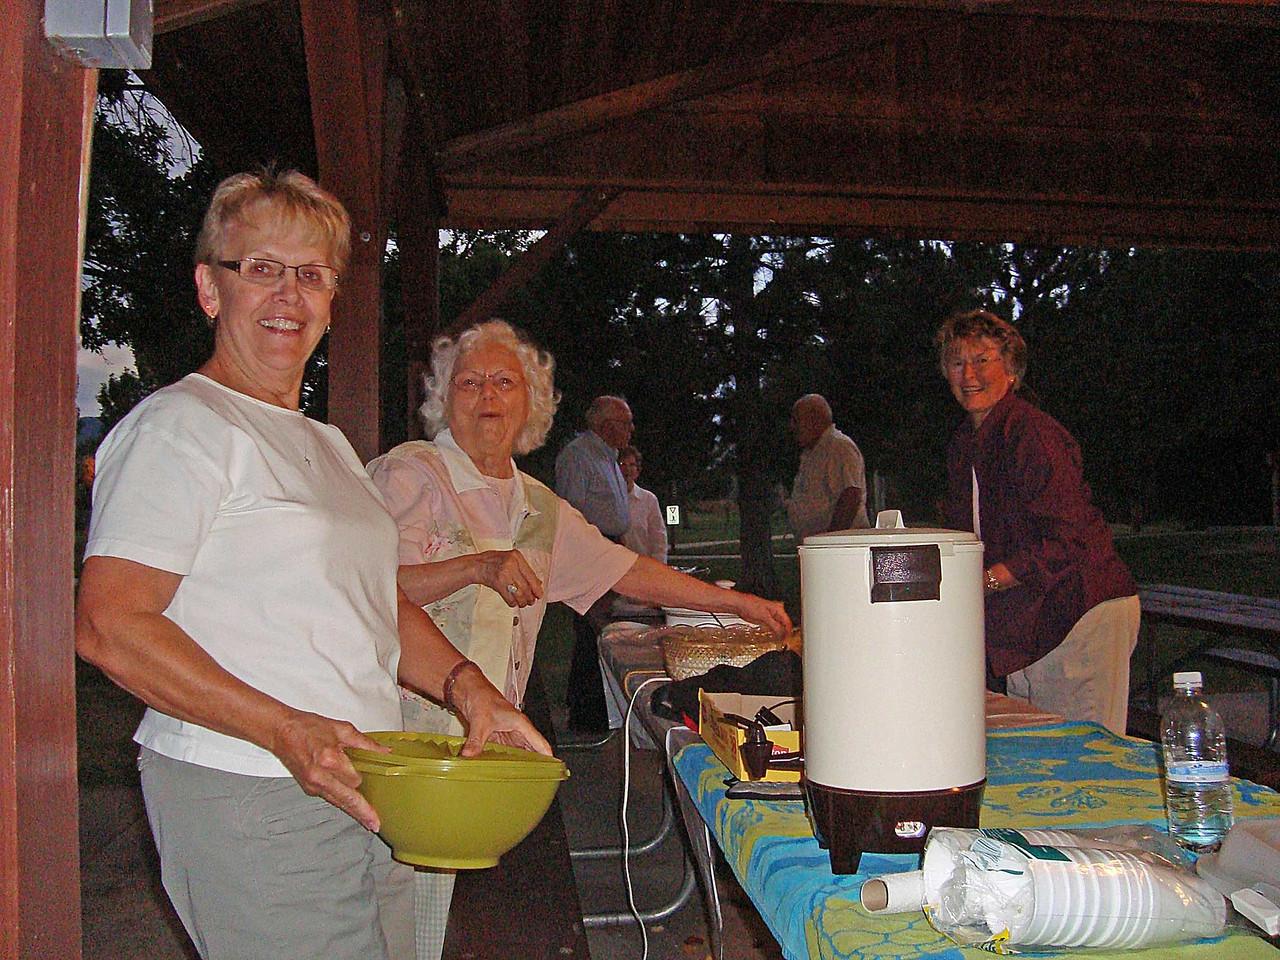 Karen Miller, Jackie Marousek and Yvonne Bender.  Looks like Paul Dingeman and Ray Bender in the background.